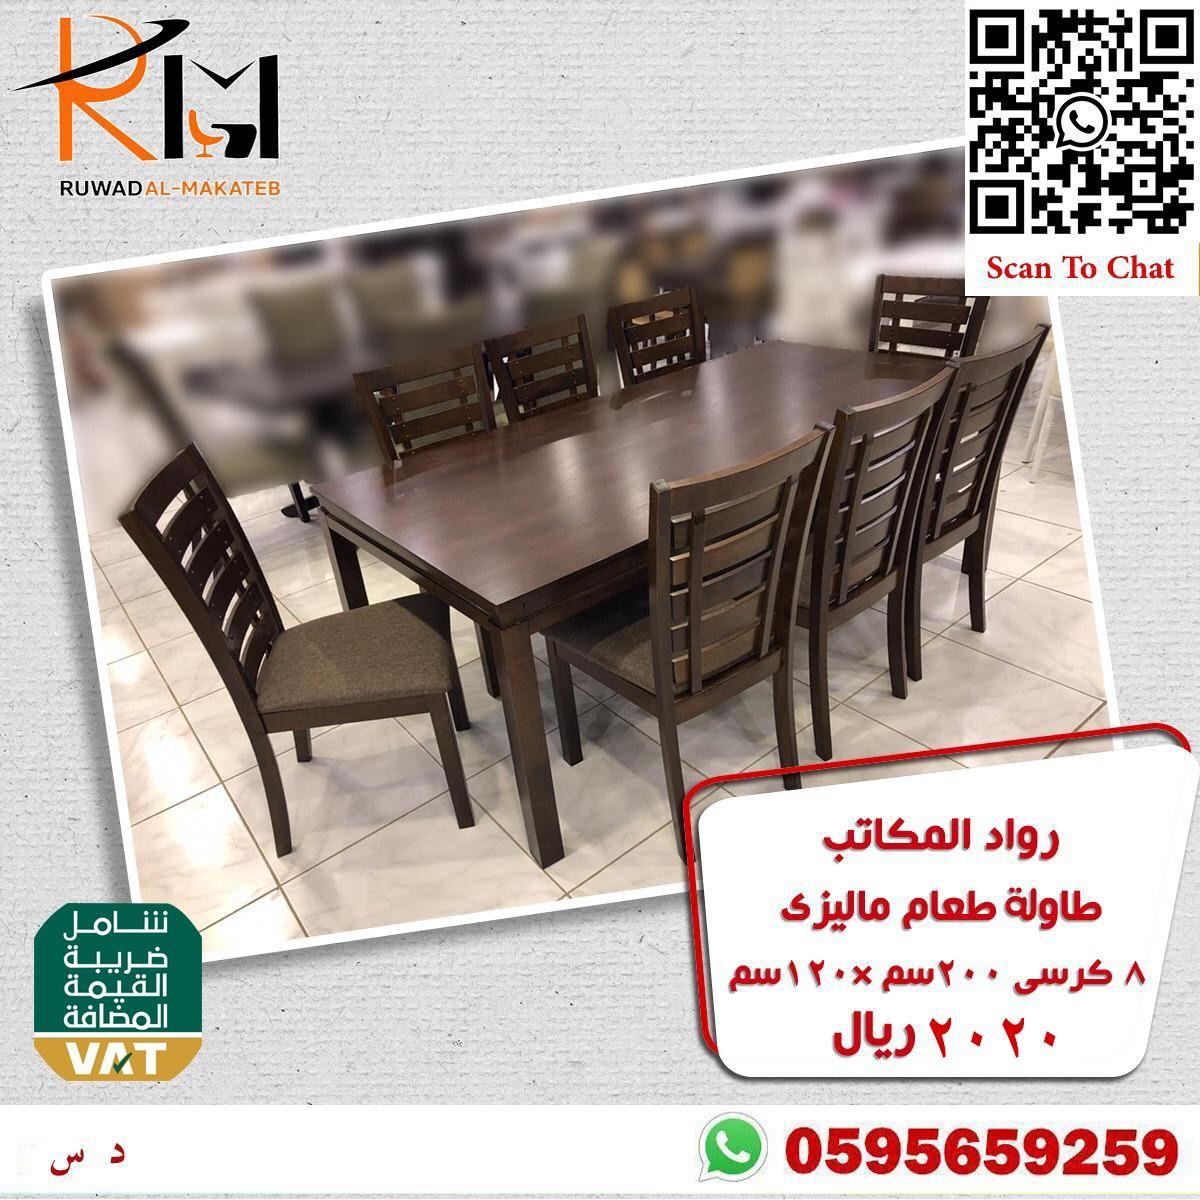 طاولة طعام ماليزي خشب بني In 2021 Dining Chairs Home Decor Outdoor Furniture